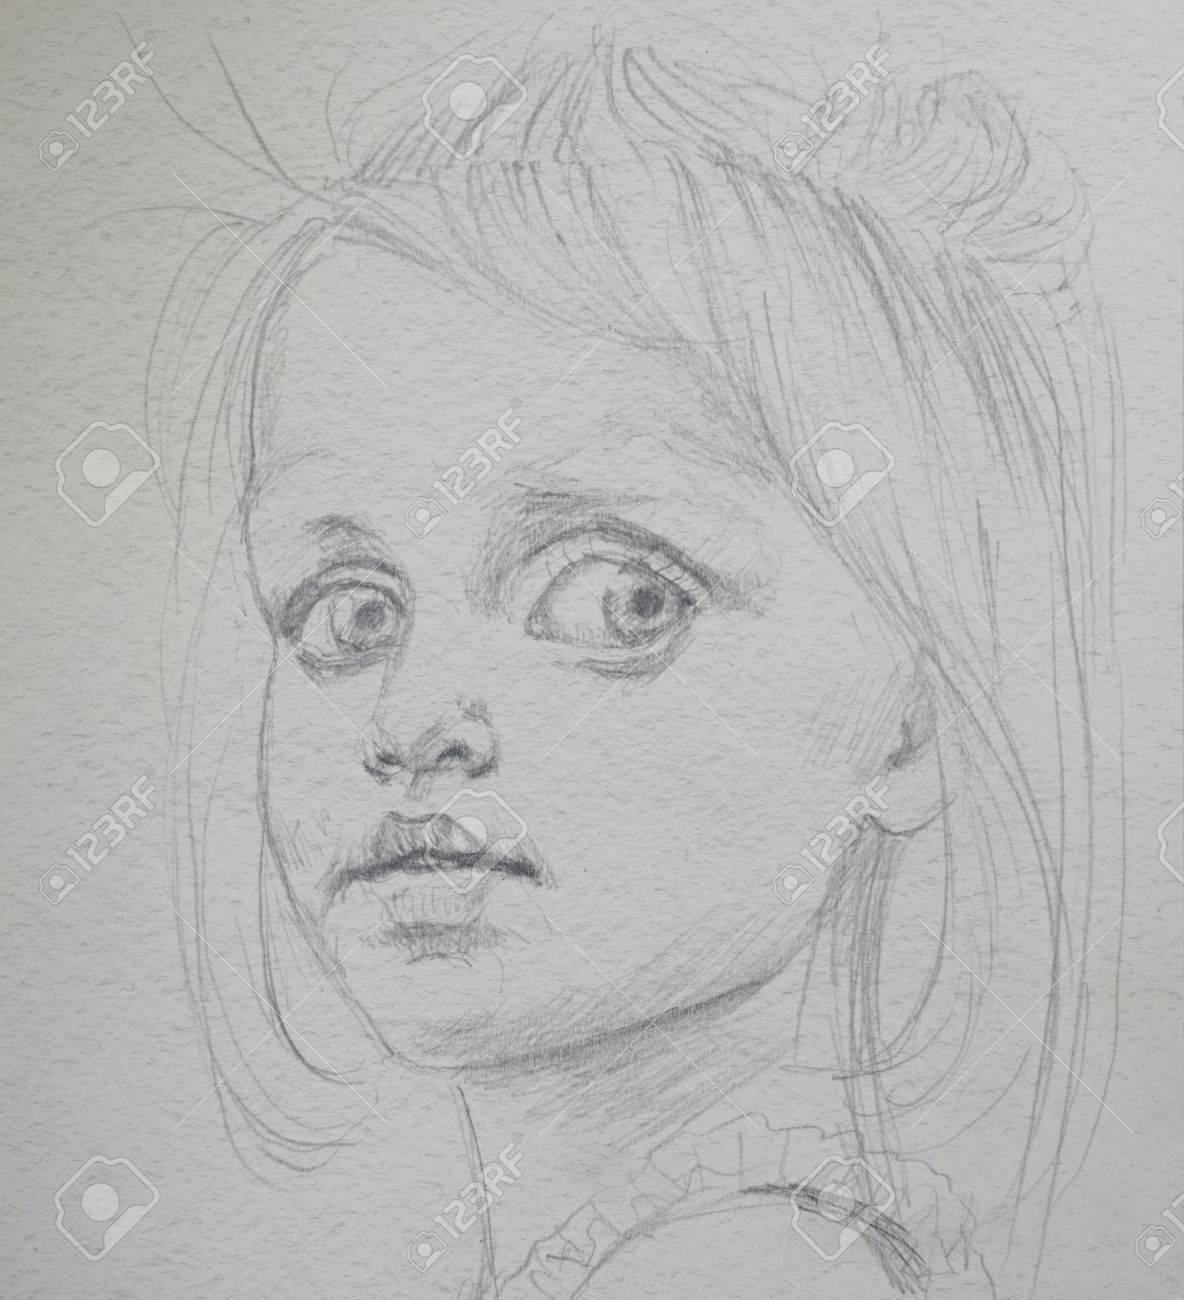 Portrat Zeichnung Bleistift Madchen Lizenzfreie Fotos Bilder Und